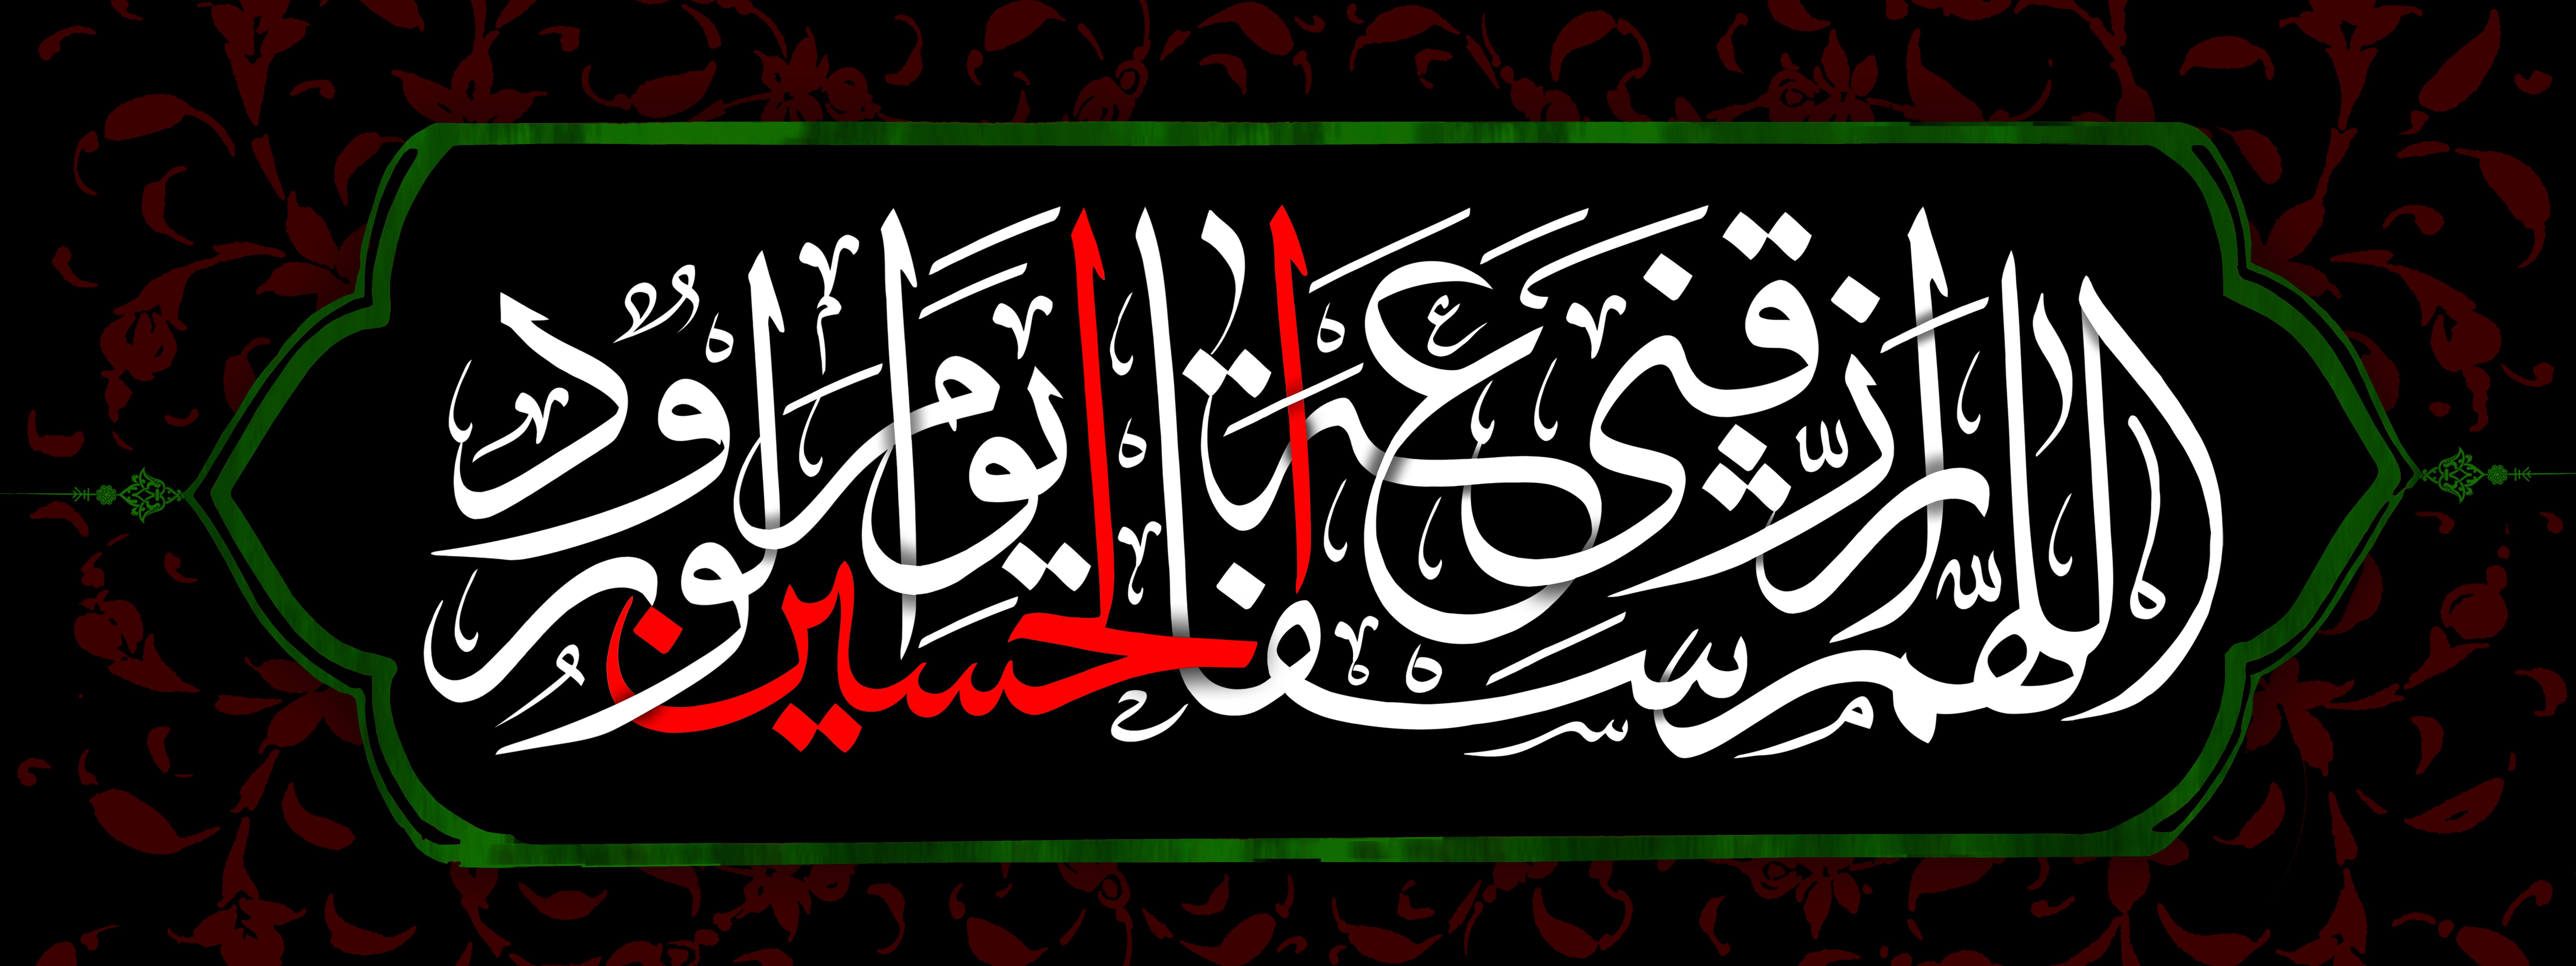 http://www.asrupload.ir/asr-entezar/tasavir/94/07/hamid-moharam-94-01.jpg